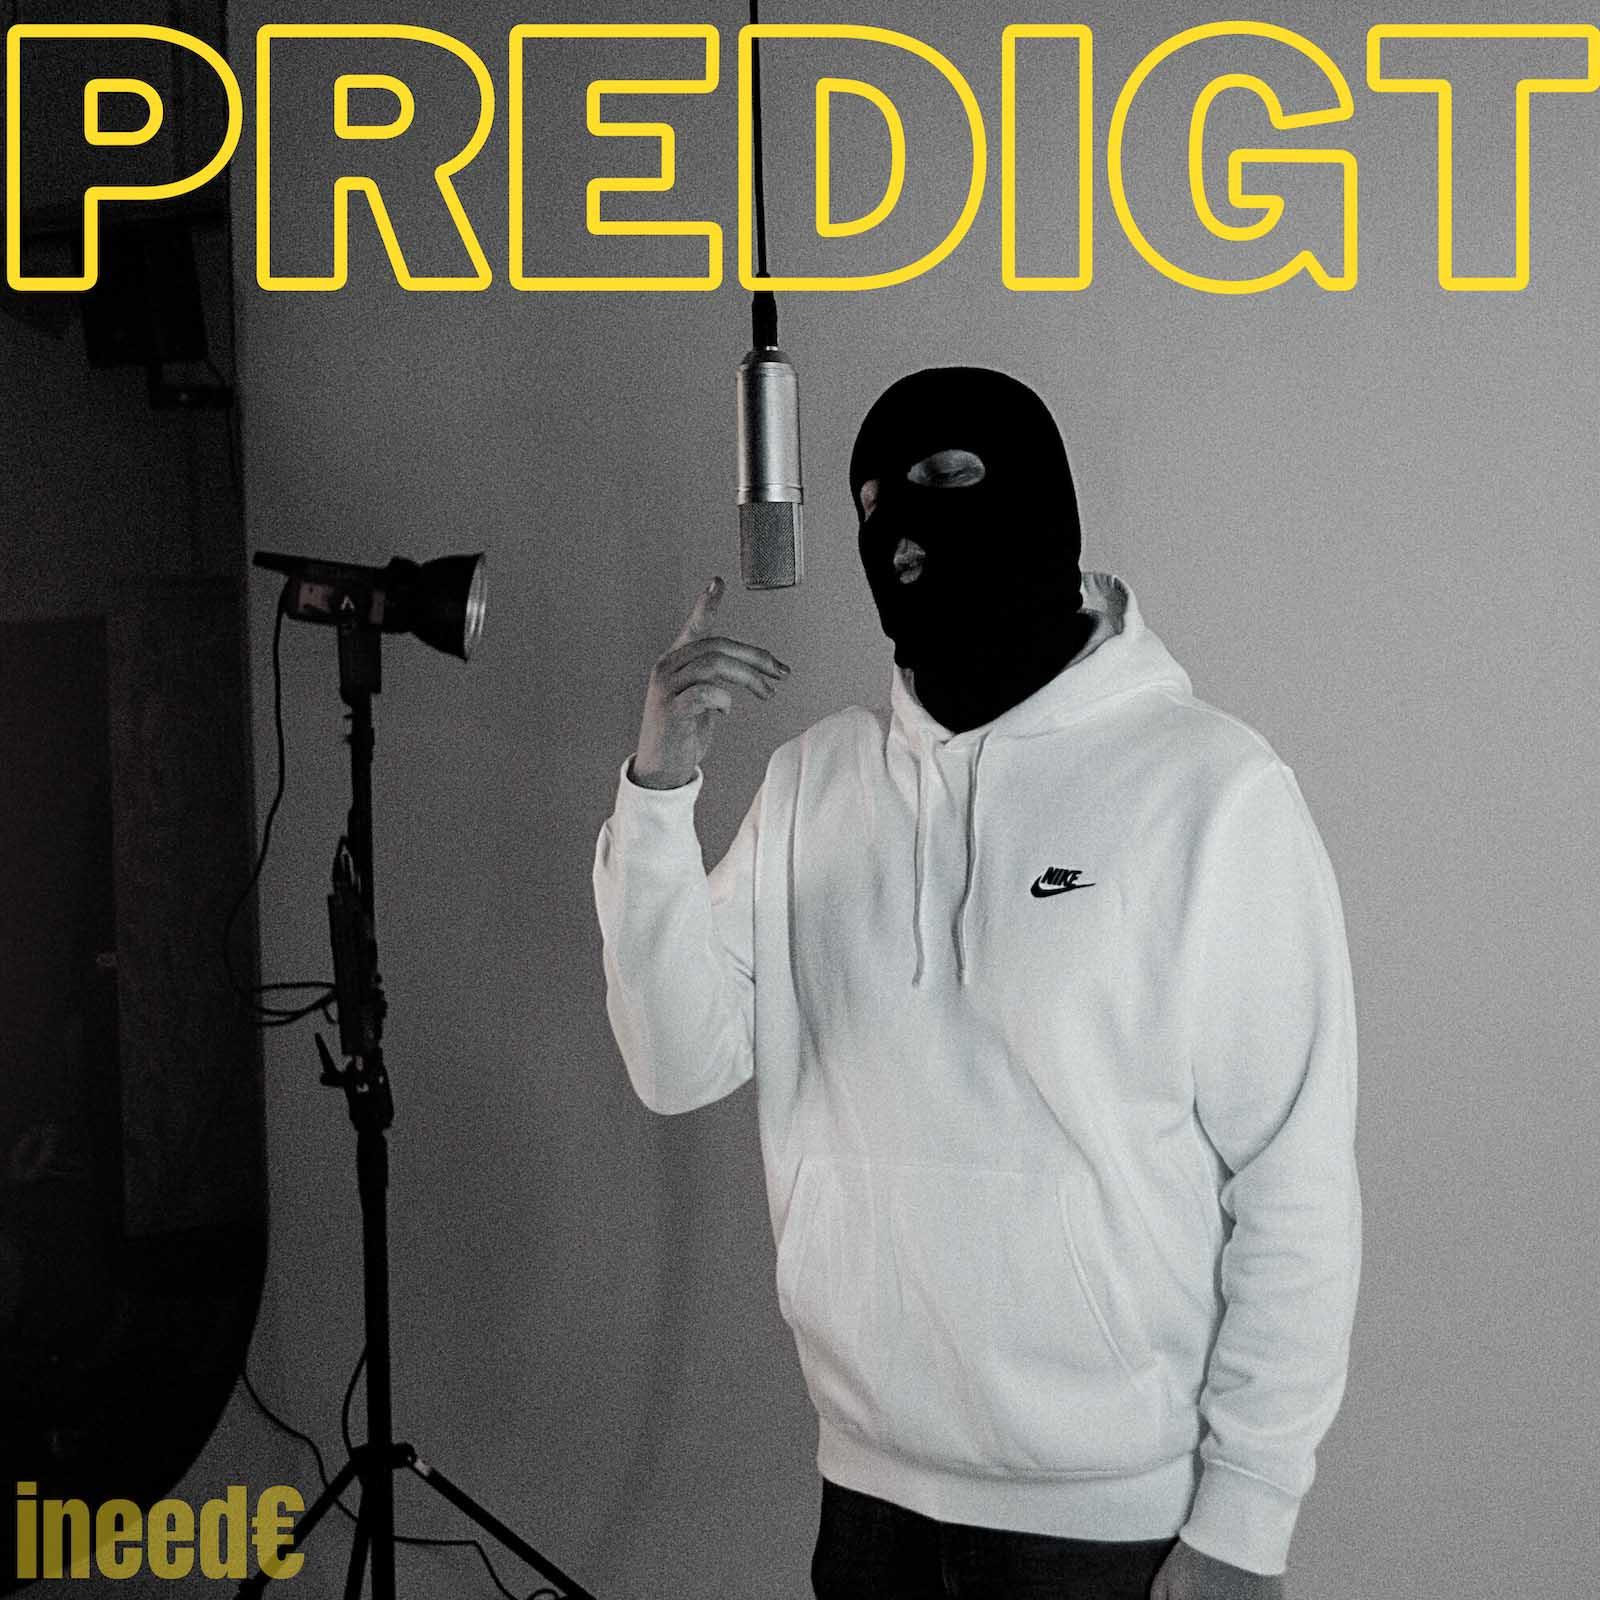 Upcoming: ineed€ - Predigt